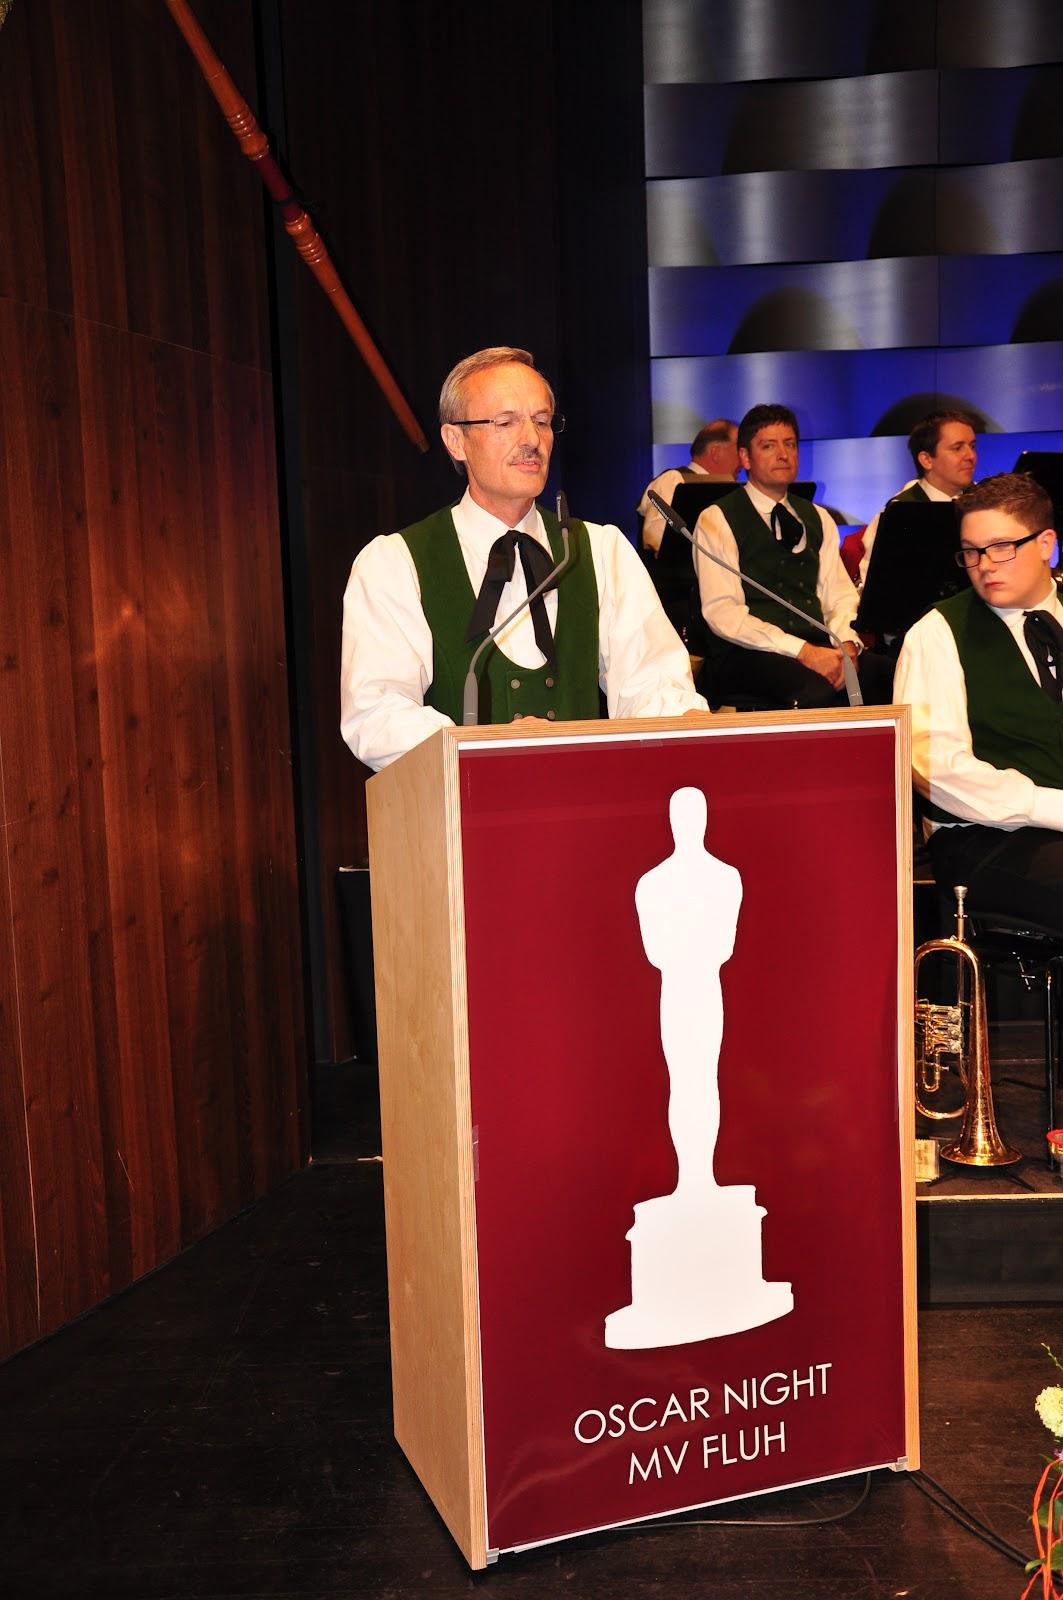 Oscar Night am 25.03.2012